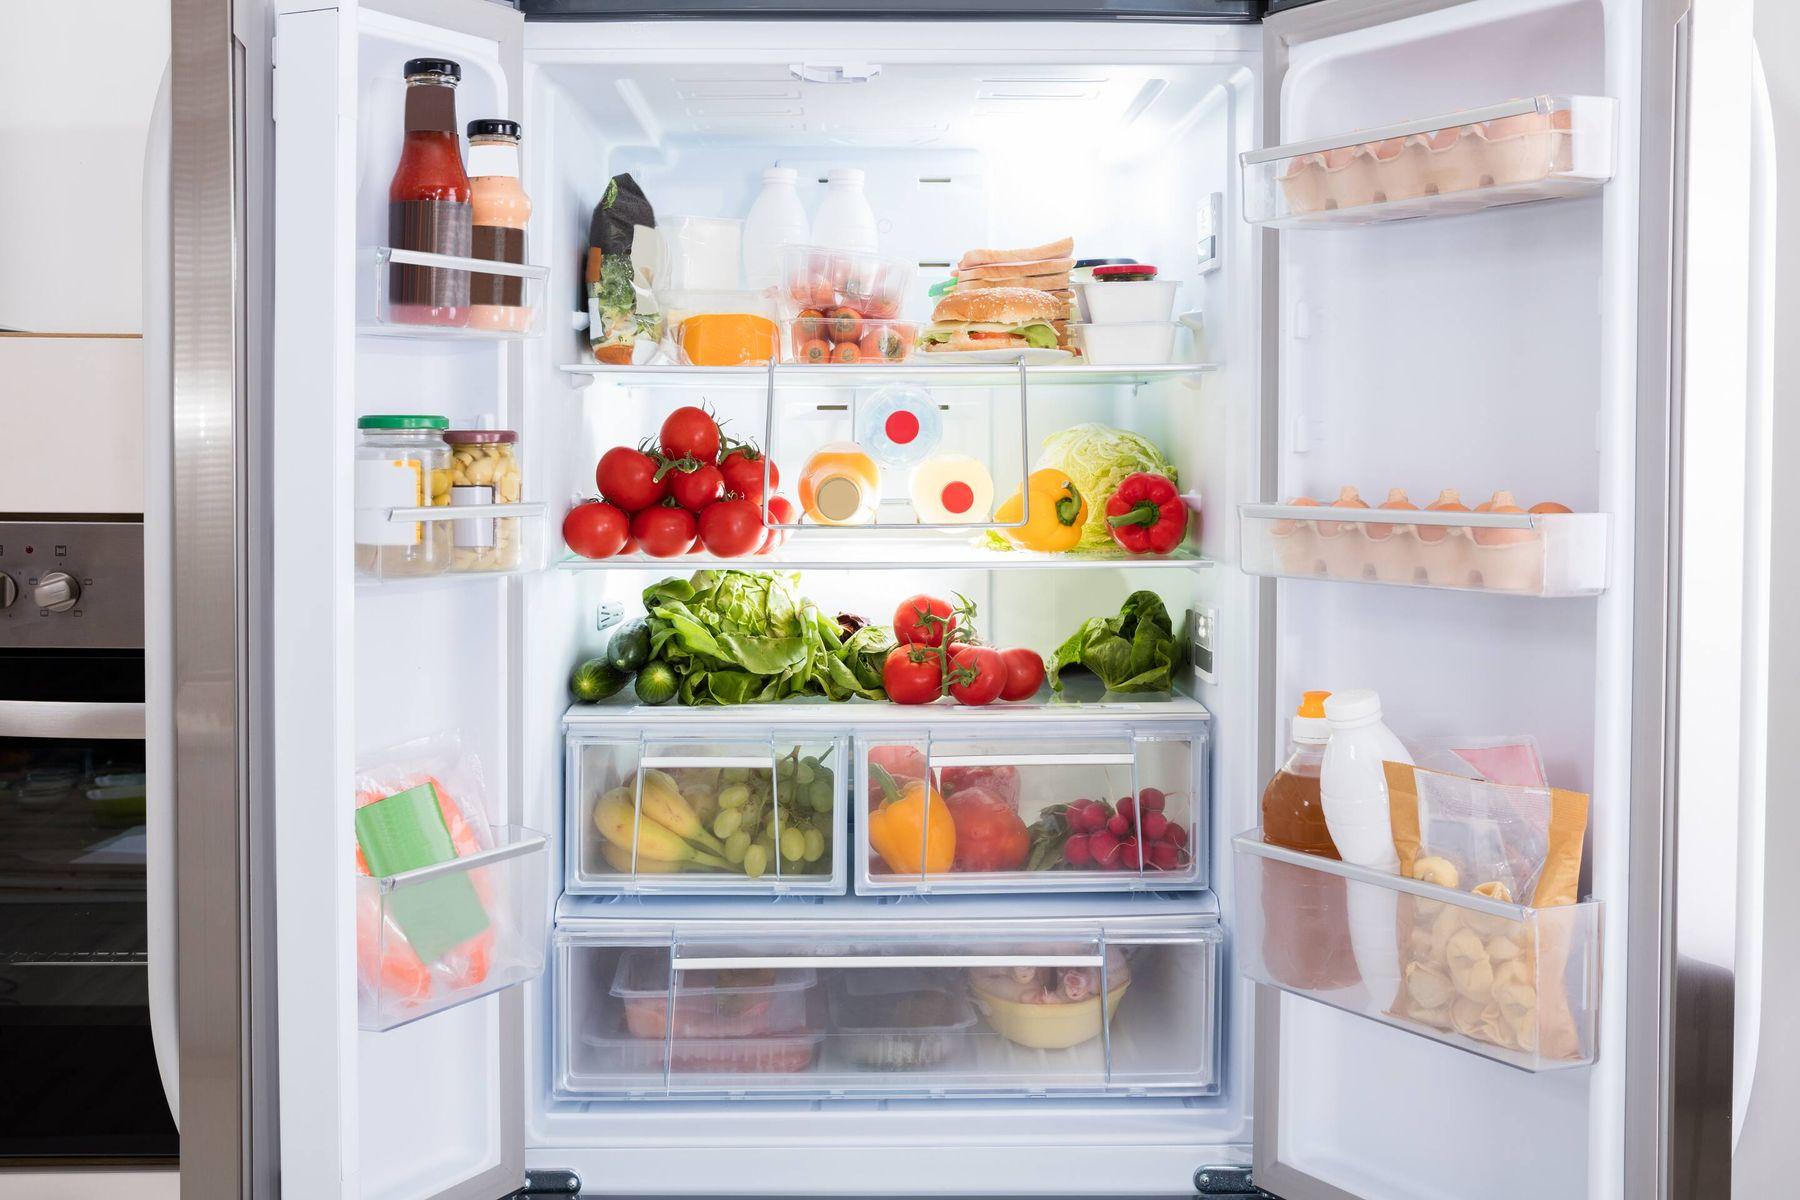 Điều chỉnh nhiệt độ tủ lạnh quá cao hay quá thấp khiến rau củ nhanh hư hỏng